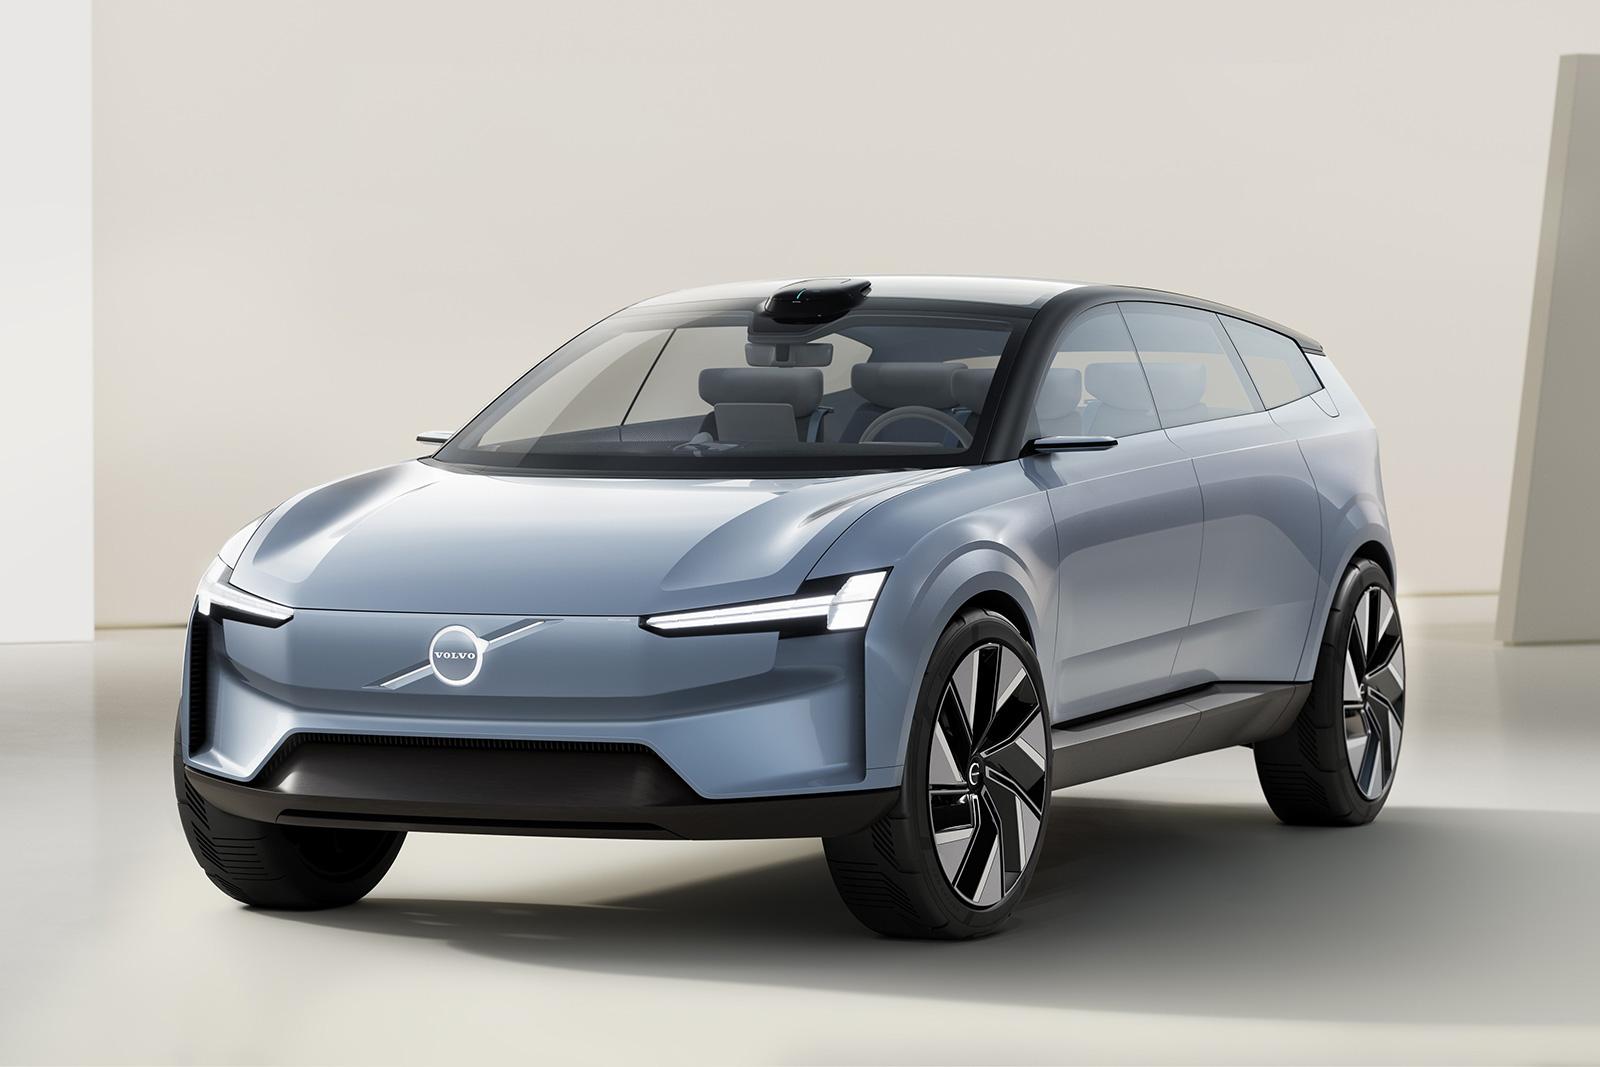 Volvo Concept Recharge EV